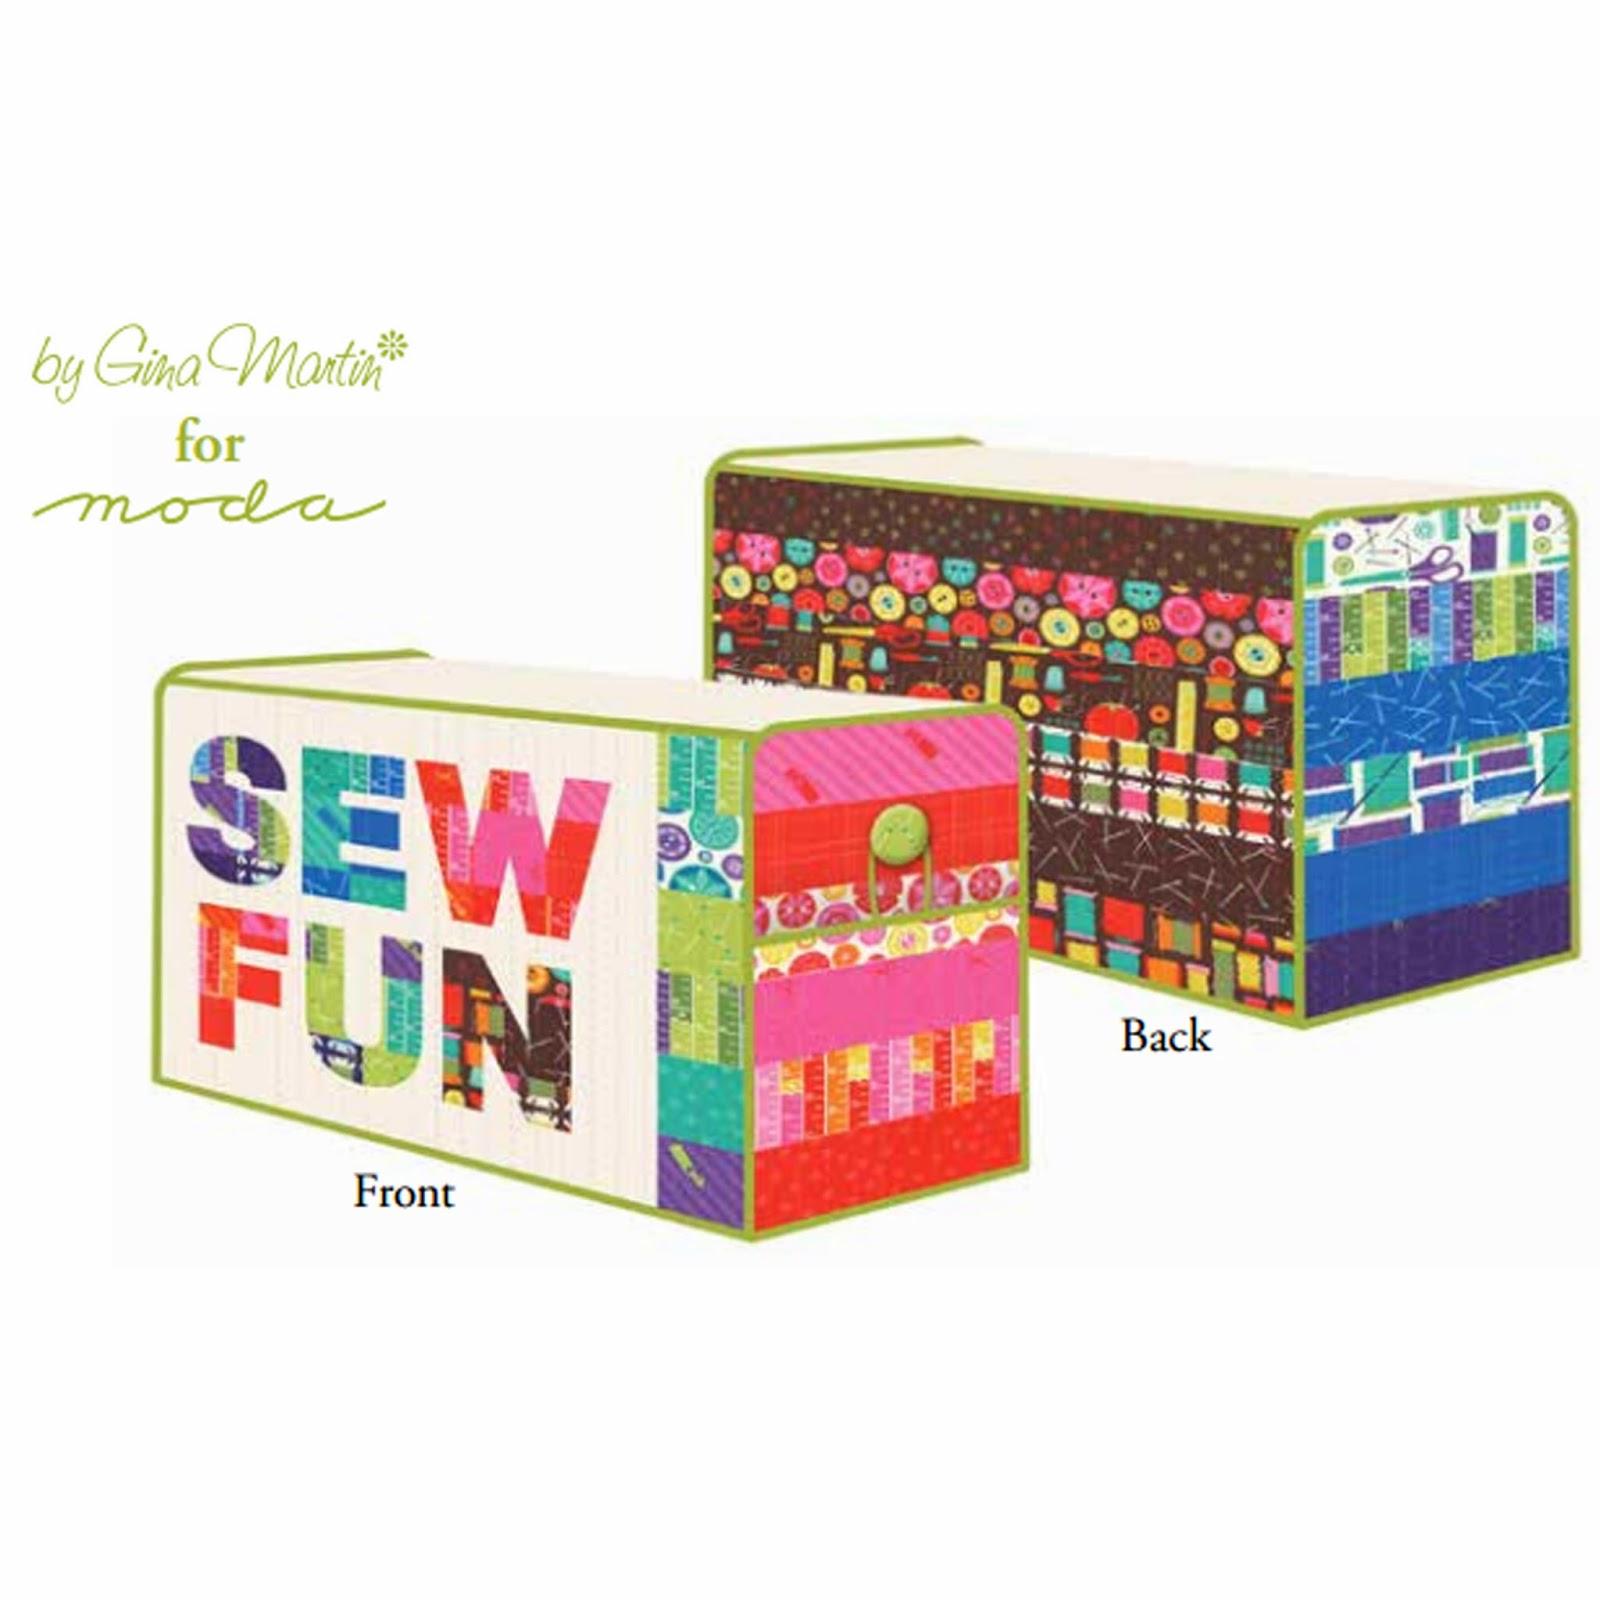 Moda SEWING BOX Free Pattern by Gina Martin